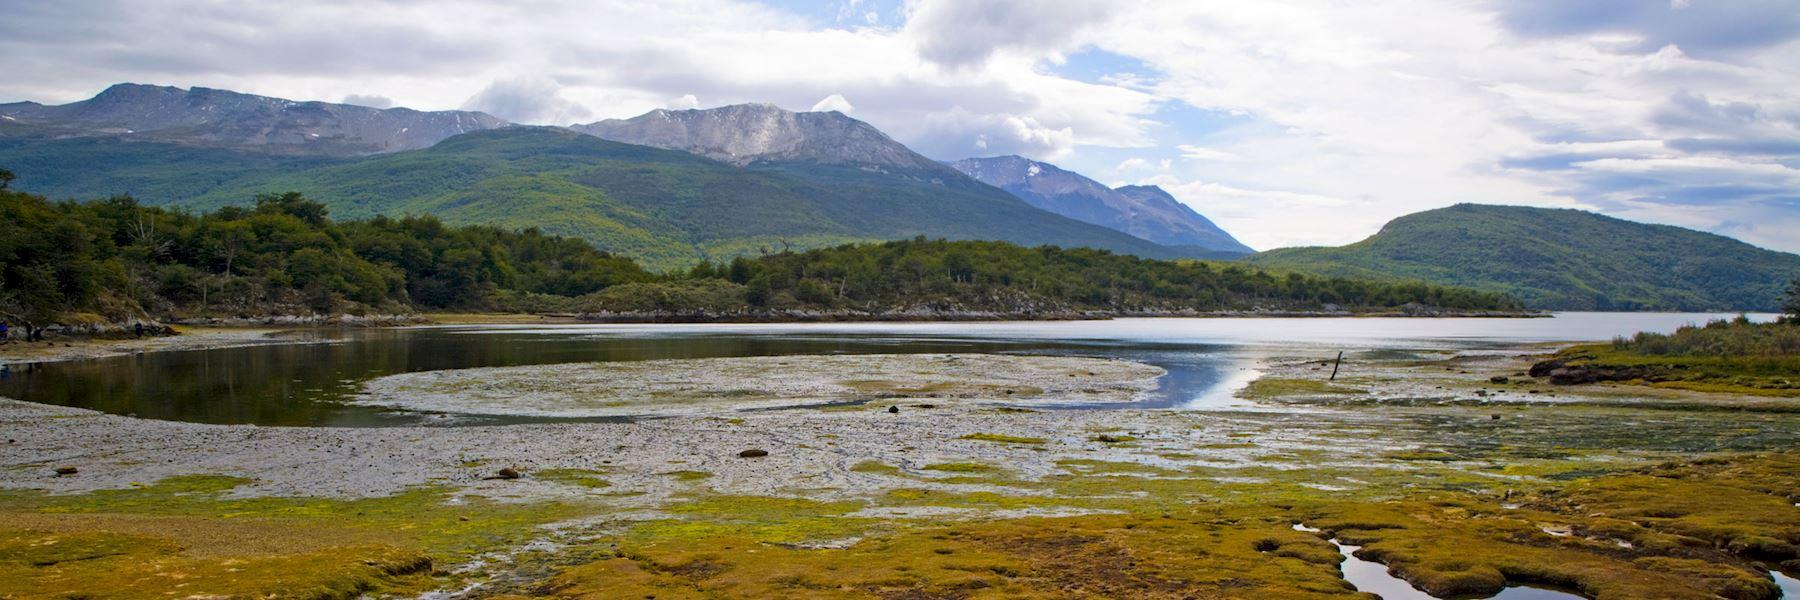 Visit Ushuaia & Tierra del Fuego, Argentina